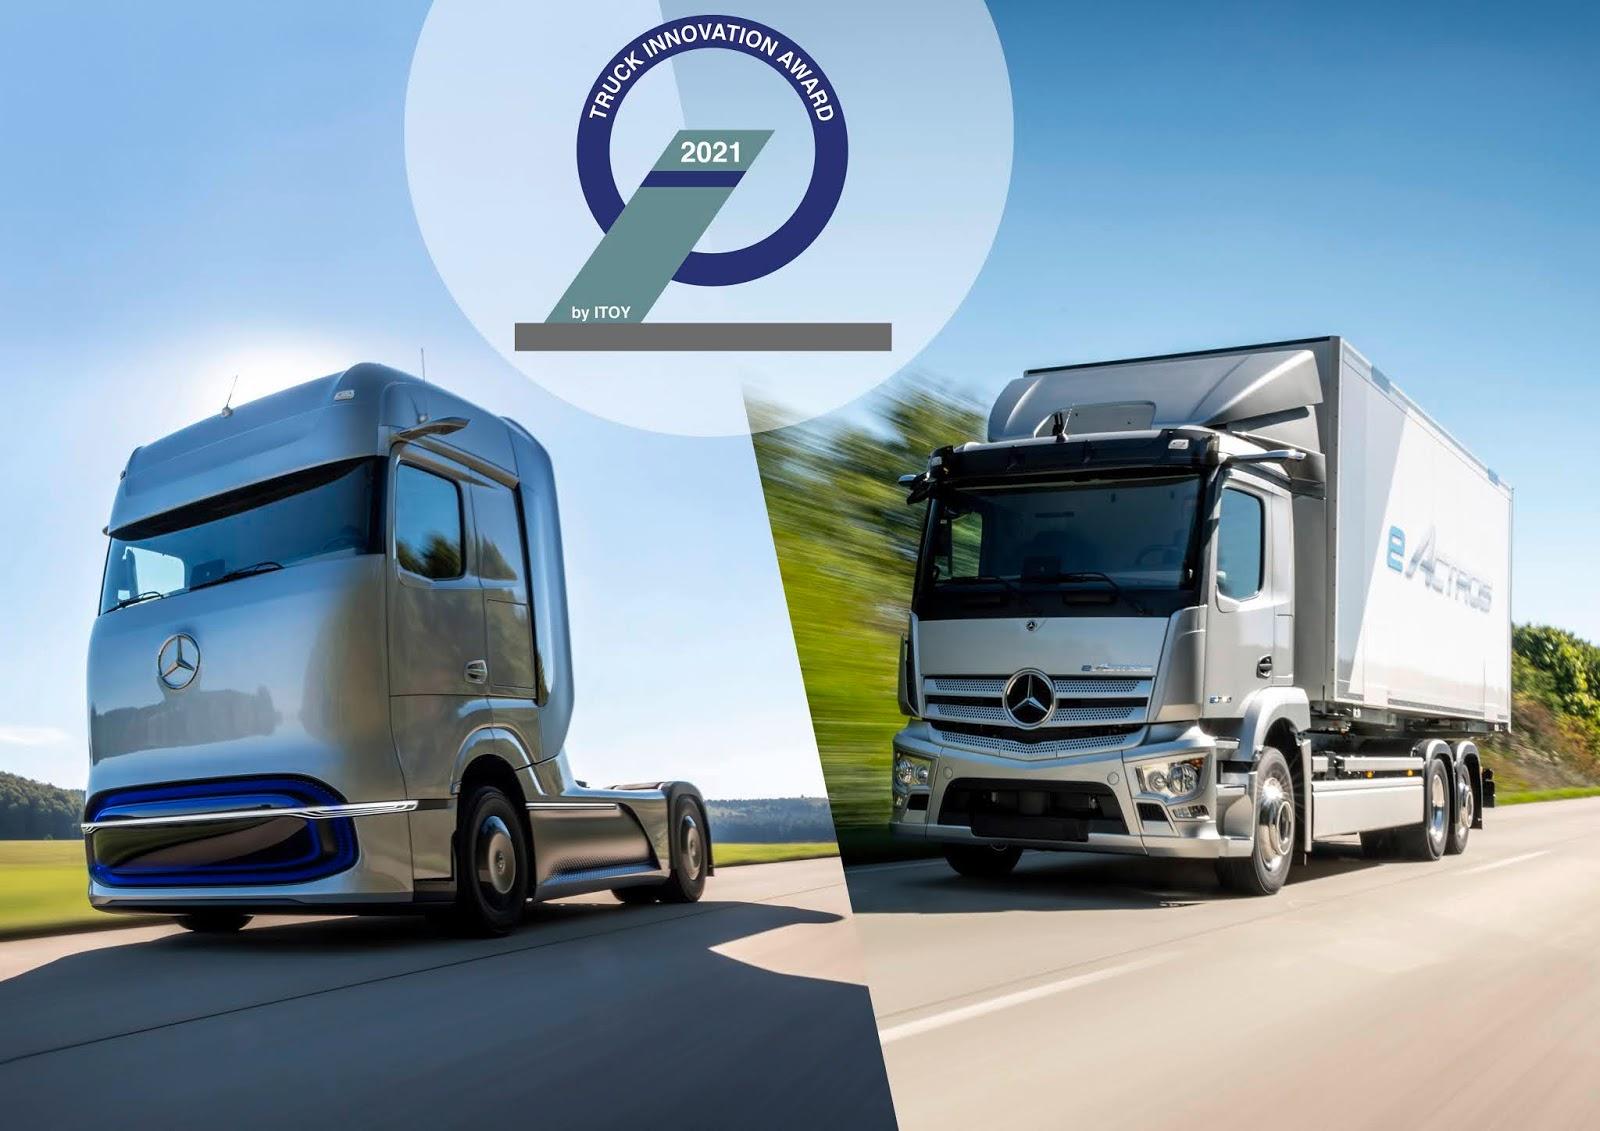 20C0706 04 Οι πρωτοπόροι της ηλεκτροκίνησης: το Mercedes-Benz eActros και το Mercedes-Benz GenH2 Truck κερδίζουν το βραβείο καινοτομίας «Truck Innovation Award 2021» electric trucks, EV, Mercedes, Mercedes Benz, ειδήσεις, Επαγγελματικά, Φορτηγά